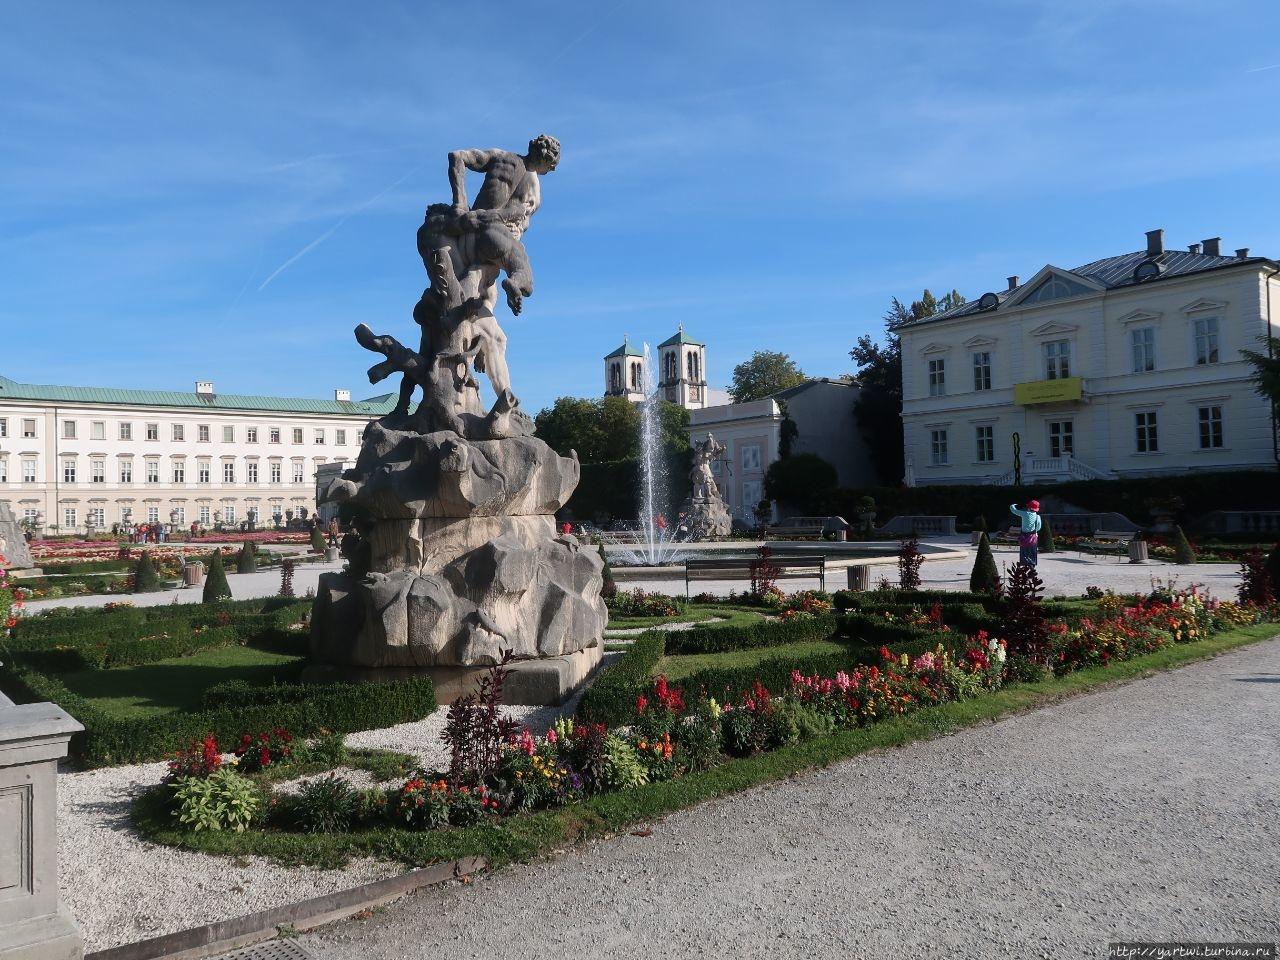 Вид на дворцовые постройк